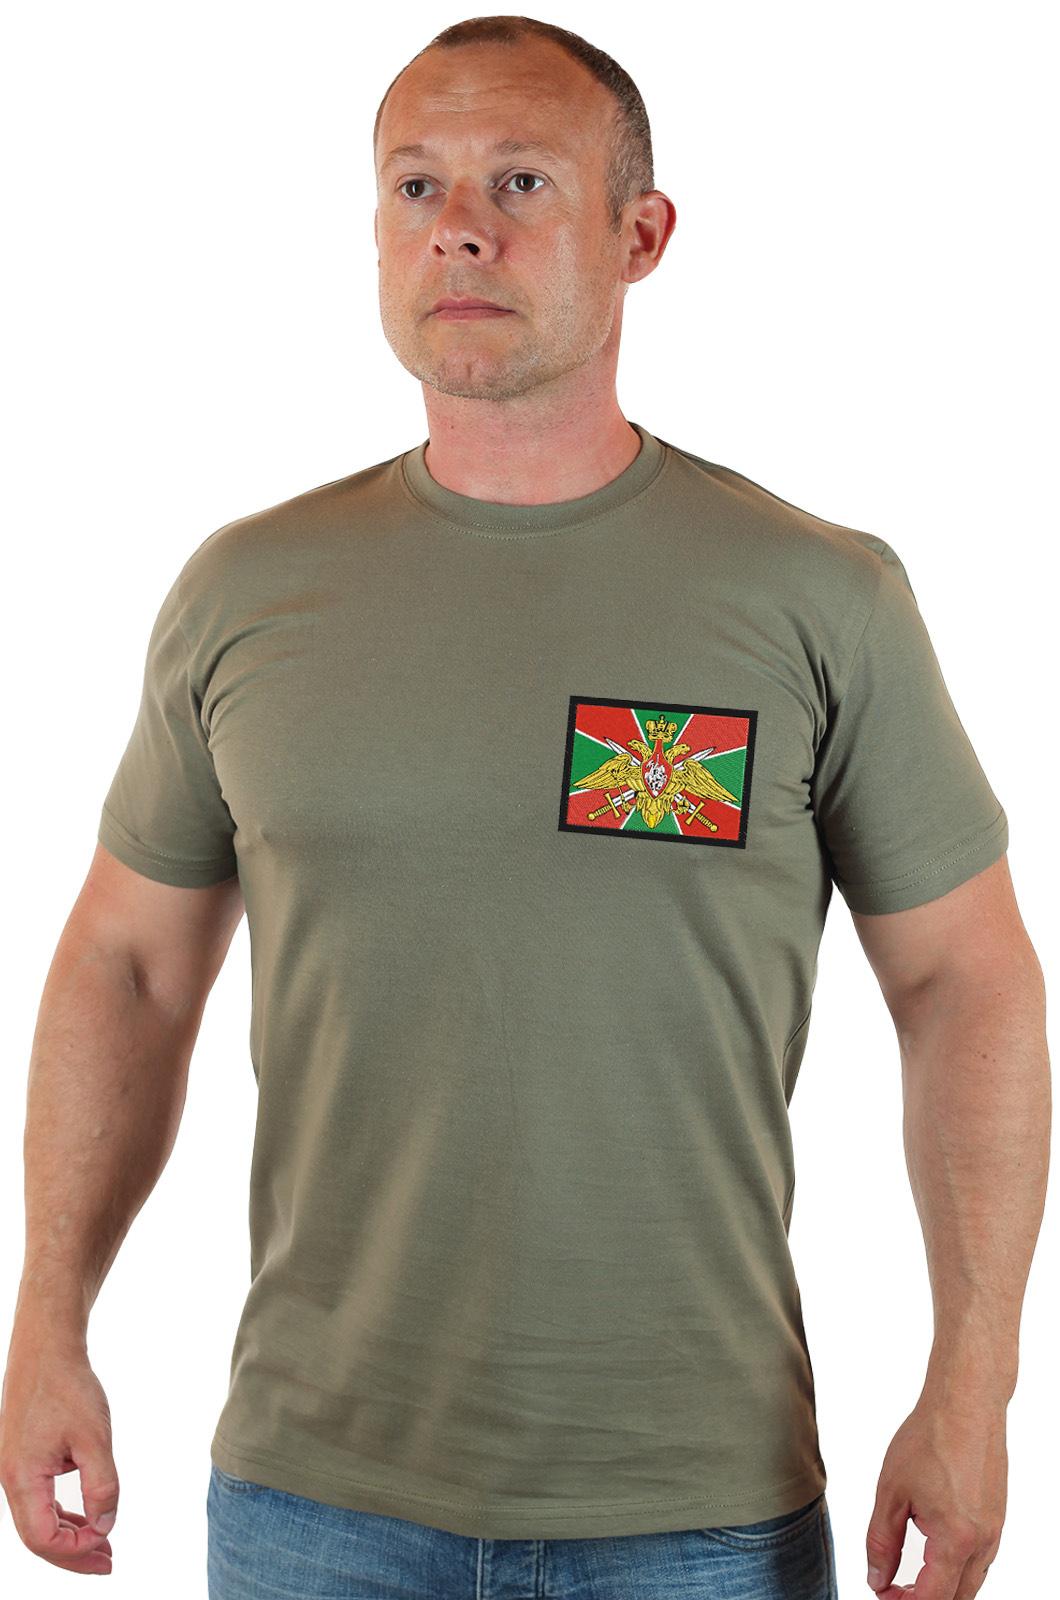 Лучший подарок пограничнику – крутая футболка с вышитым шевроном